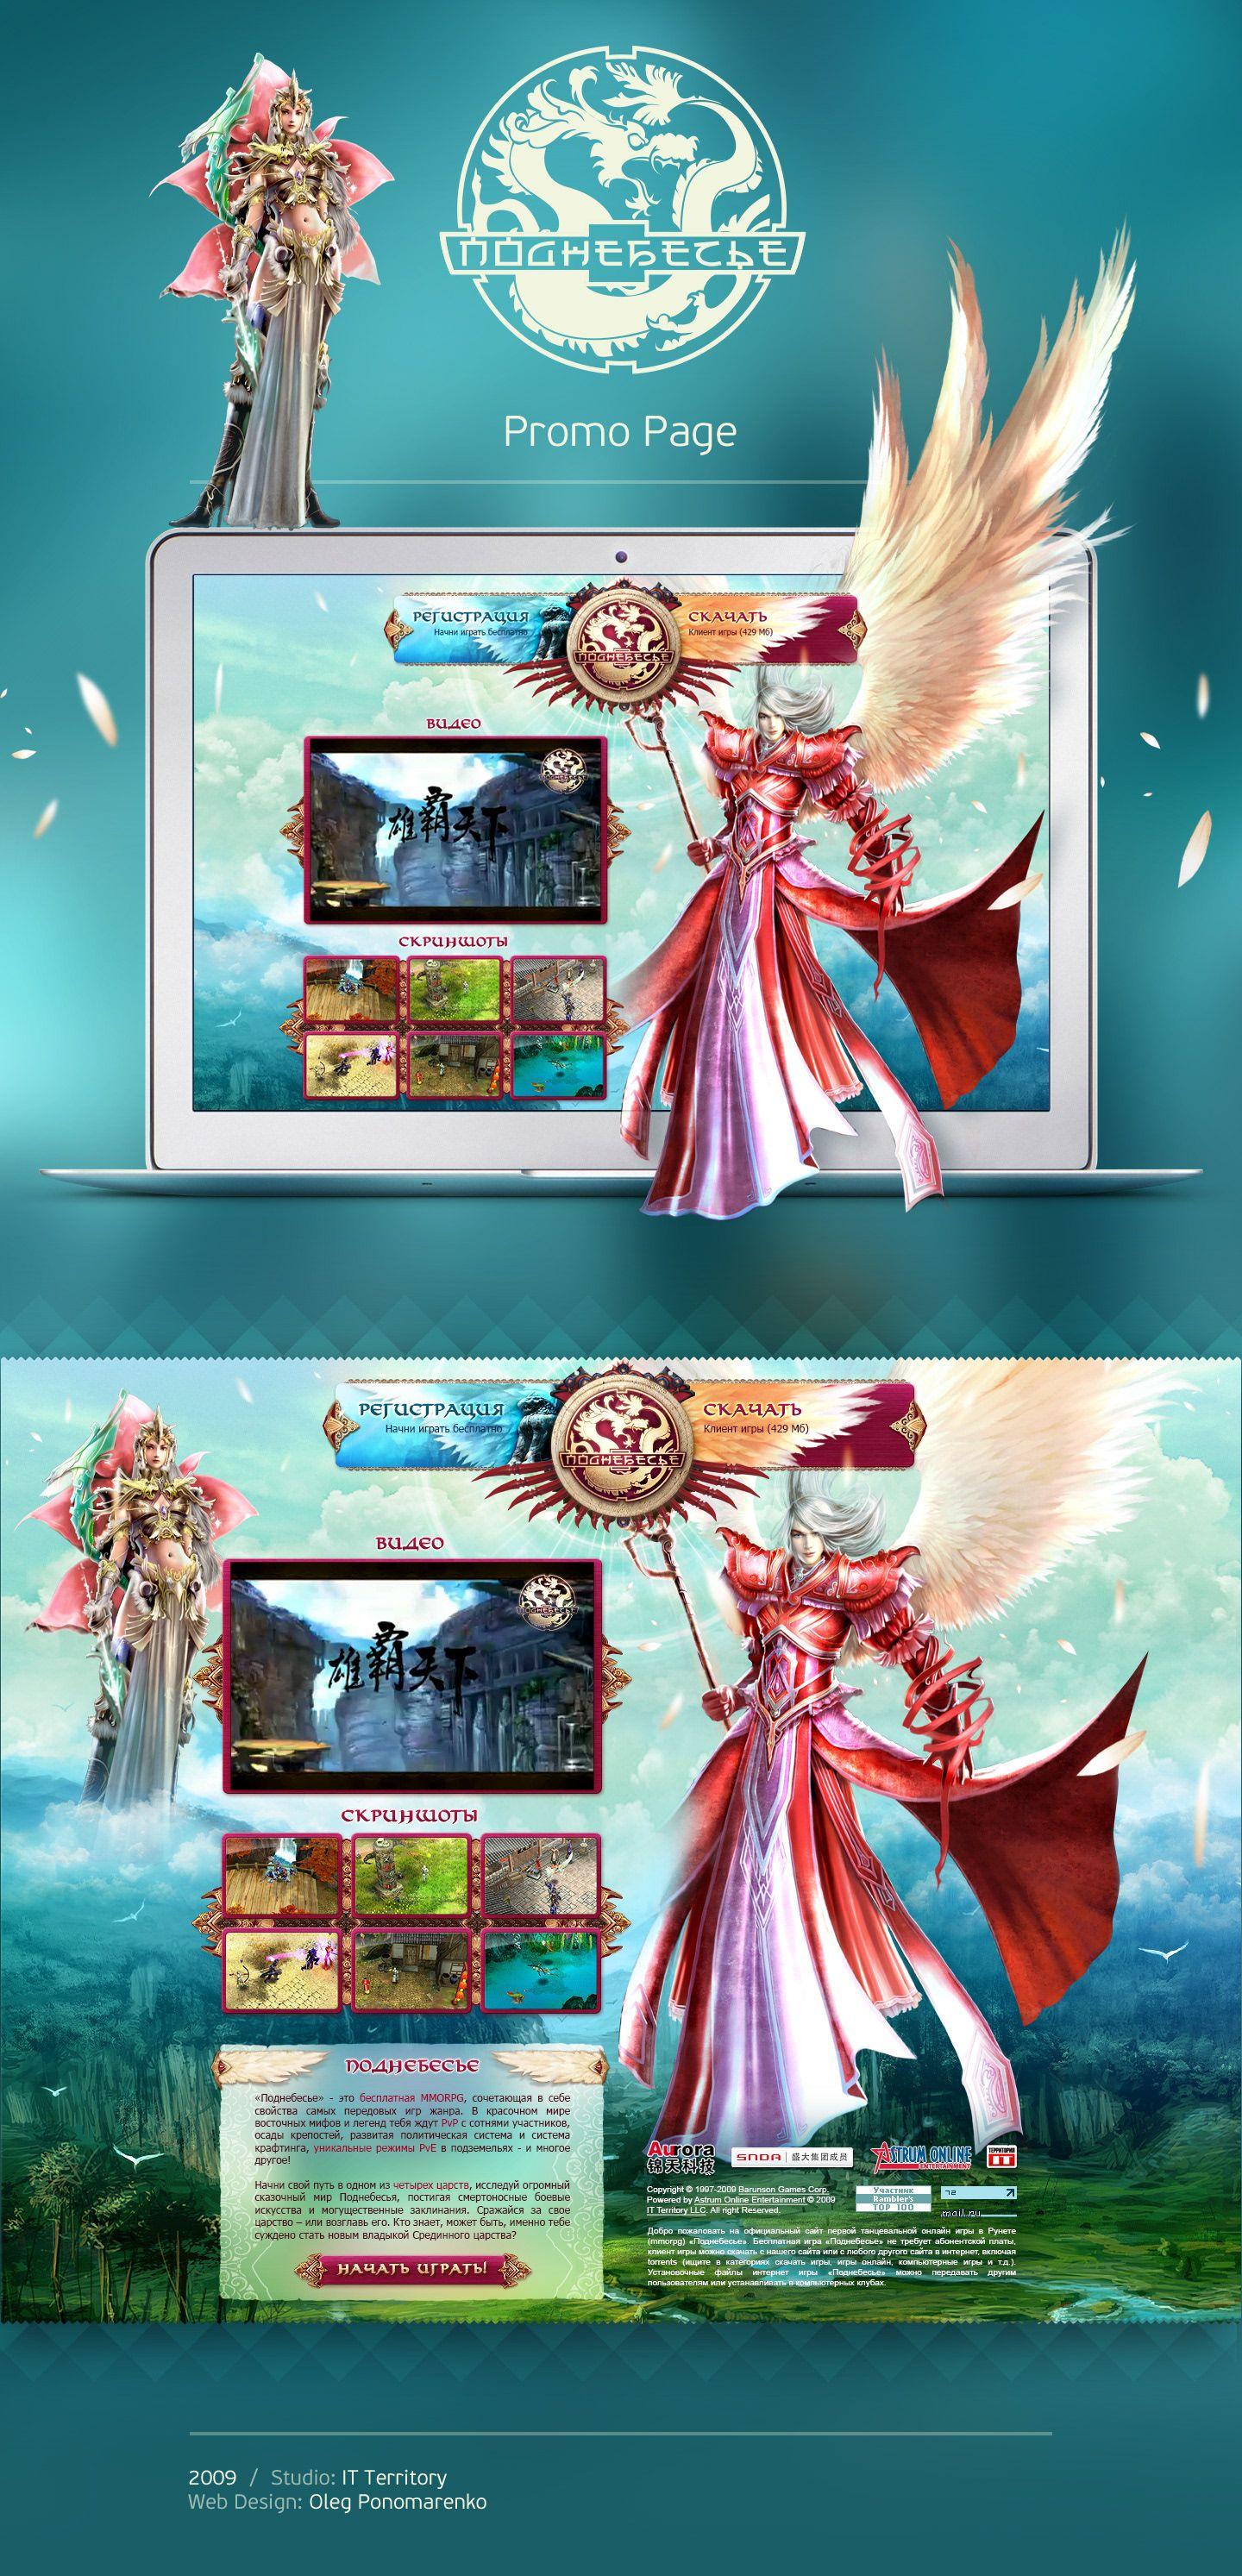 Поднебесье / Feng Yun Online Game Promo Site on Behance